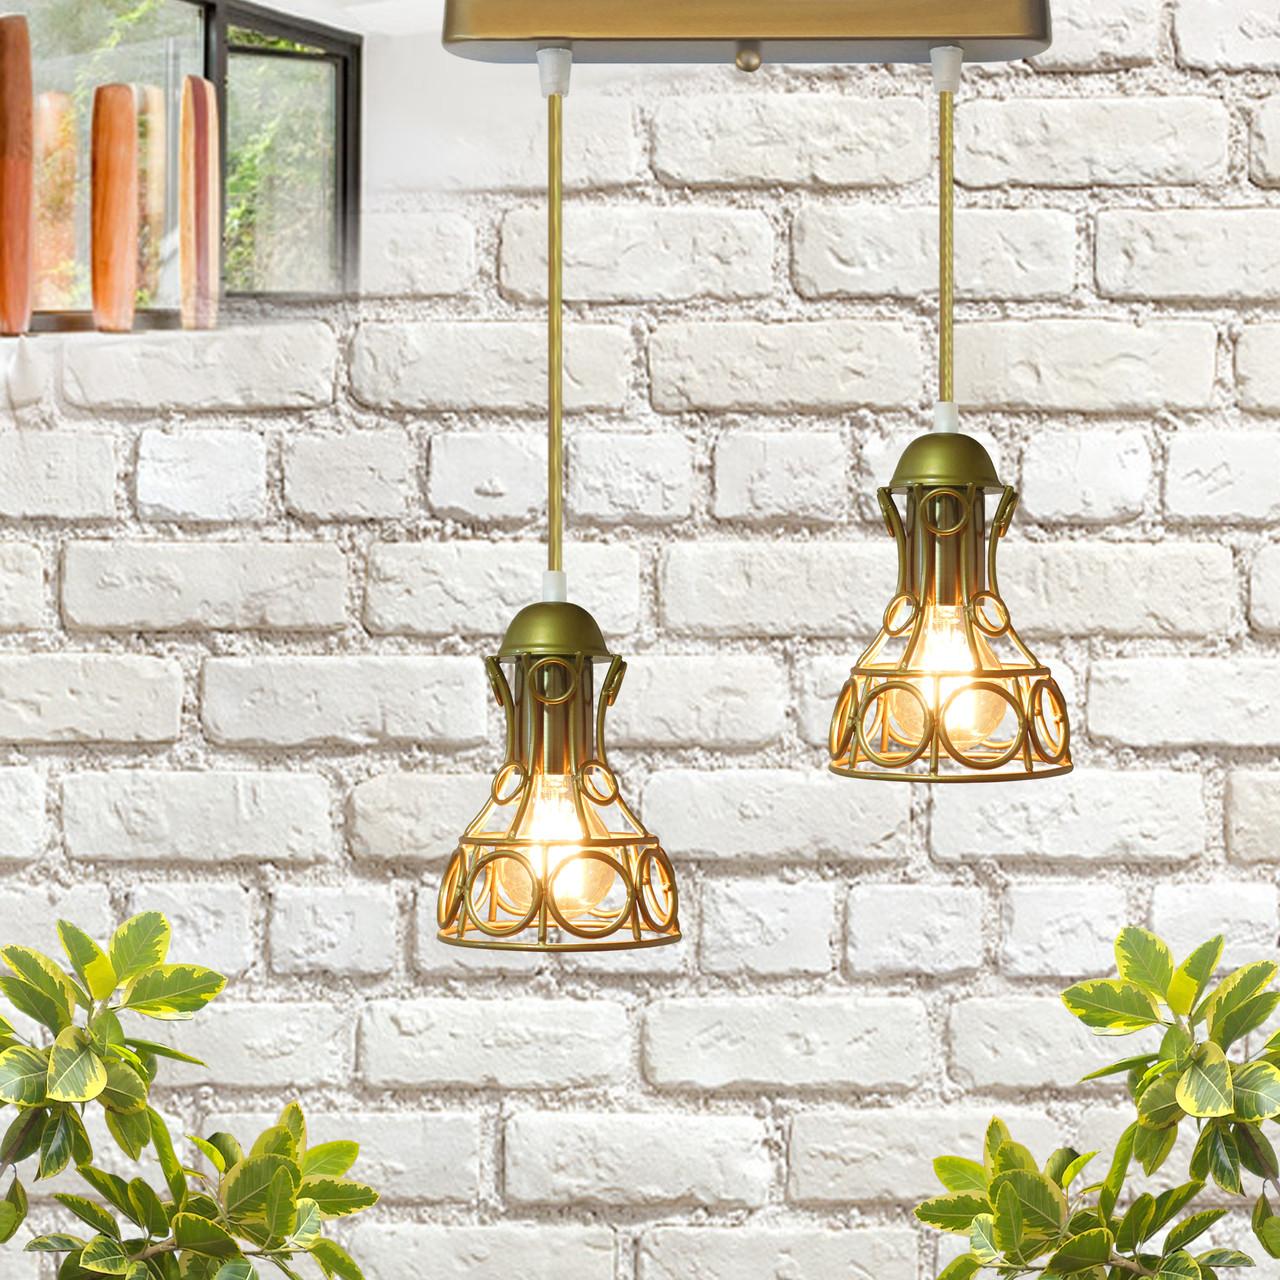 Подвесной  светильник, индустриальный стиль стиль, loft, vintage RINGS-2 Е27  золото